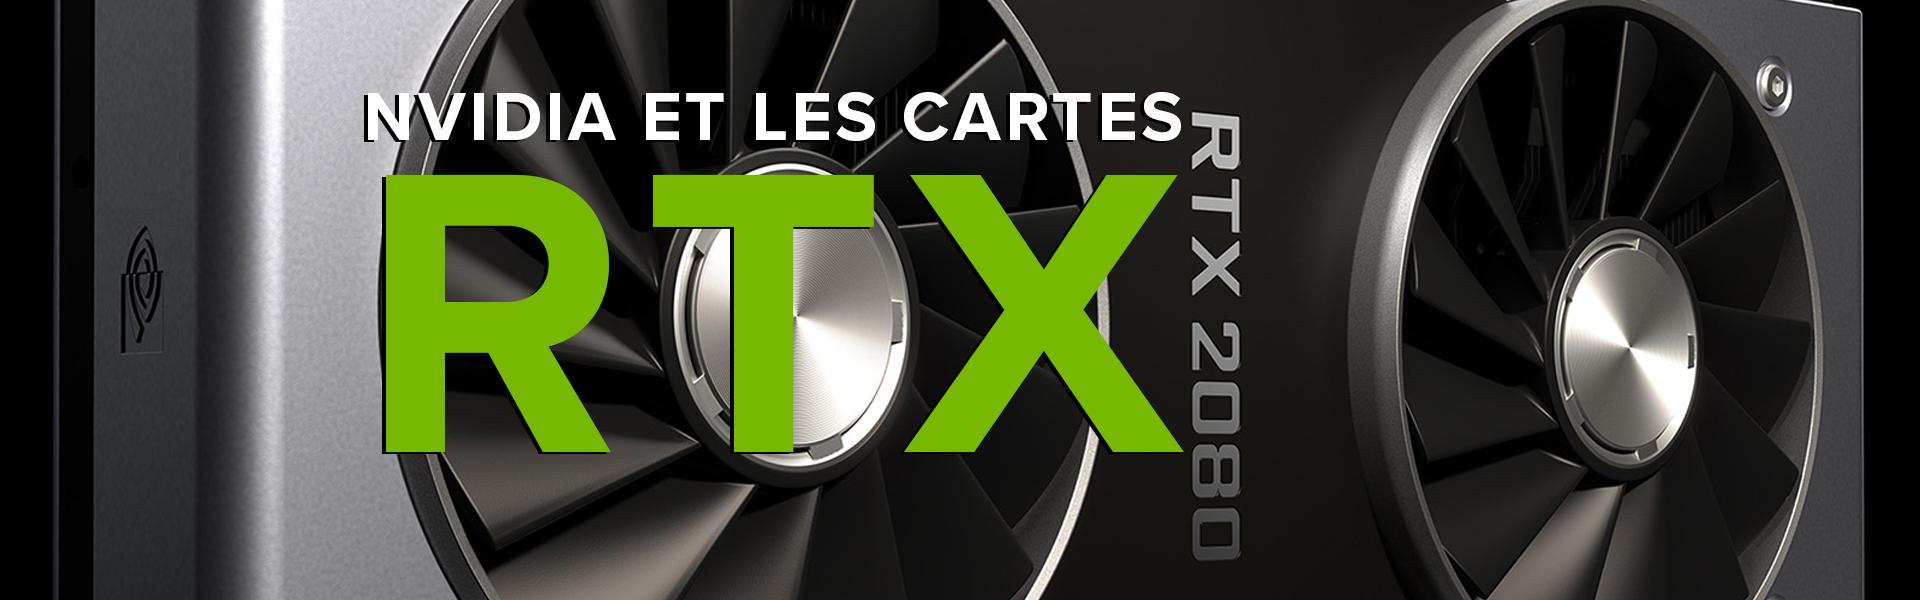 Carte RTX nvidia